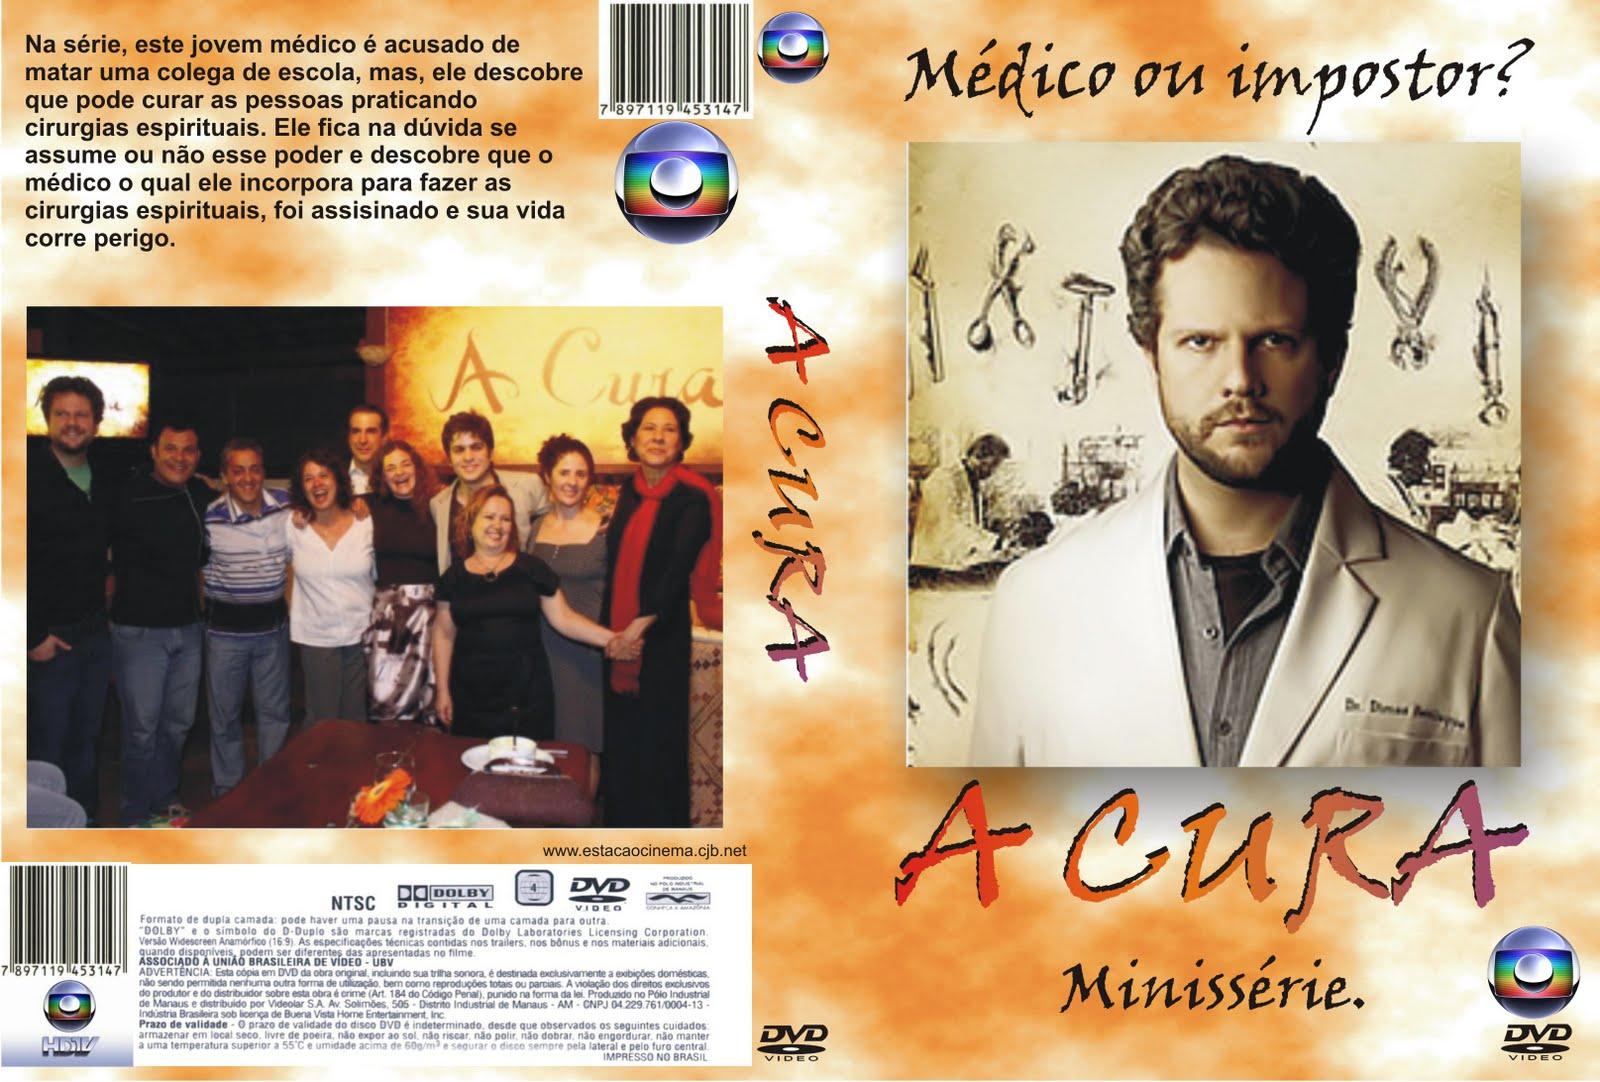 Resultado de imagem para a cura série dvd